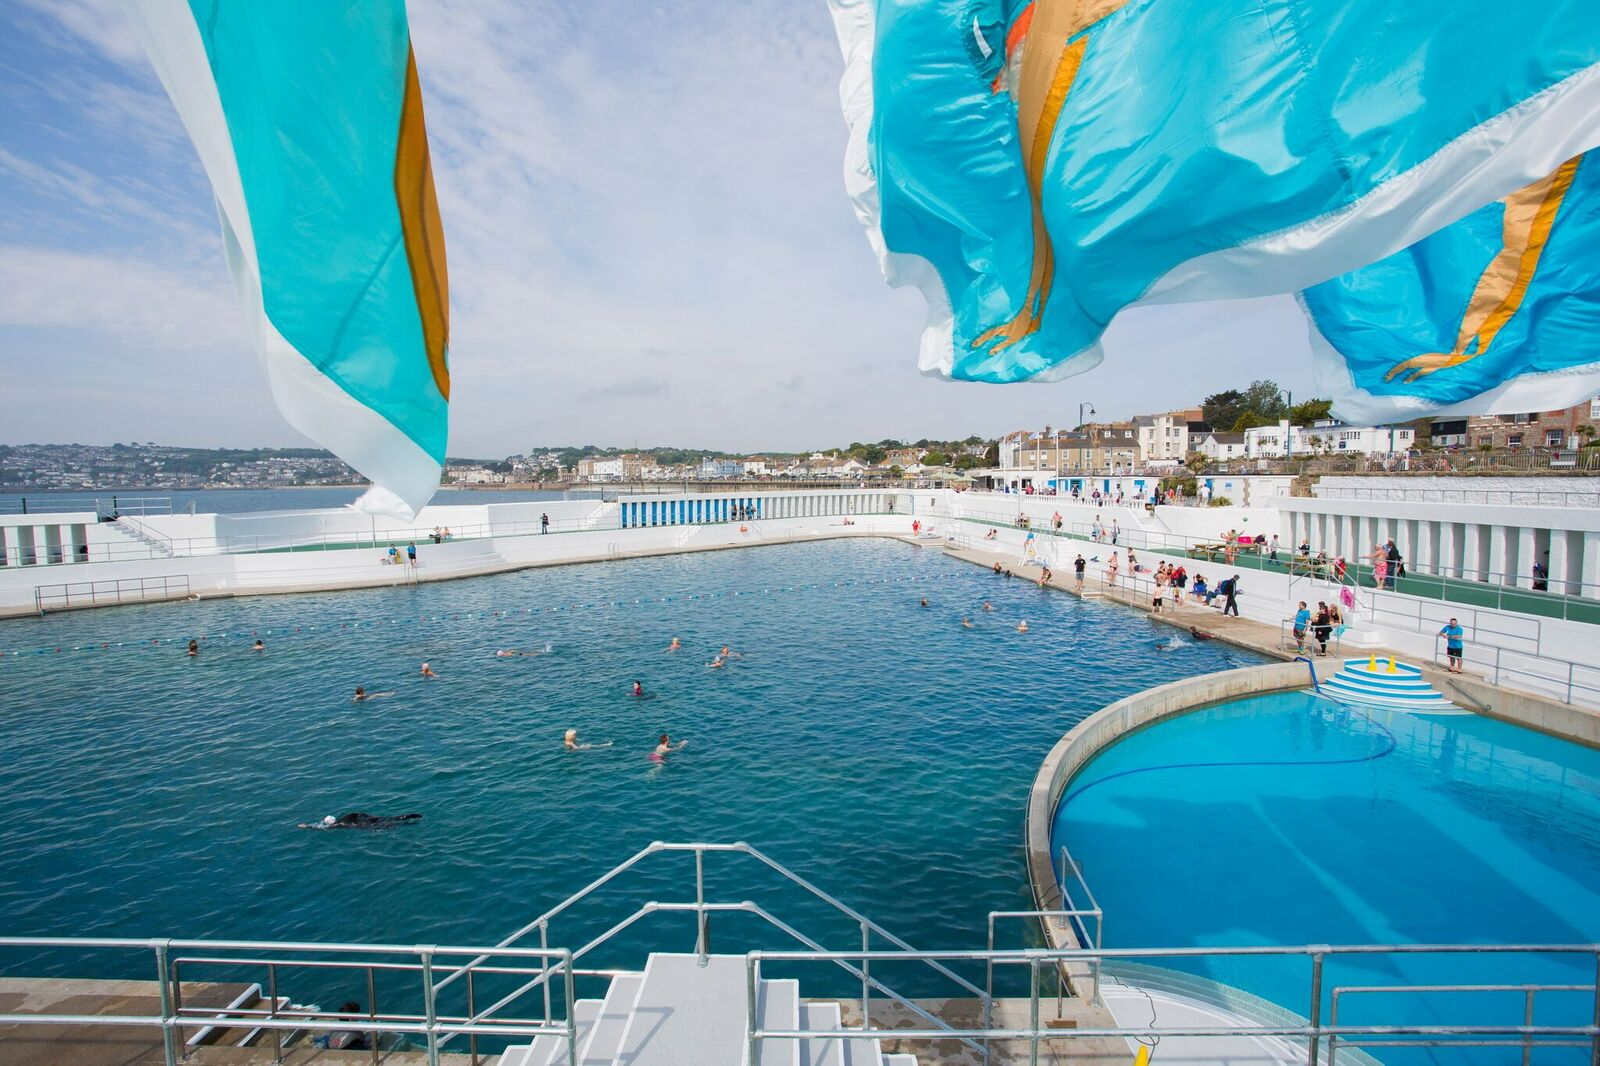 (c) Jubilee Pool Penzance Ltd